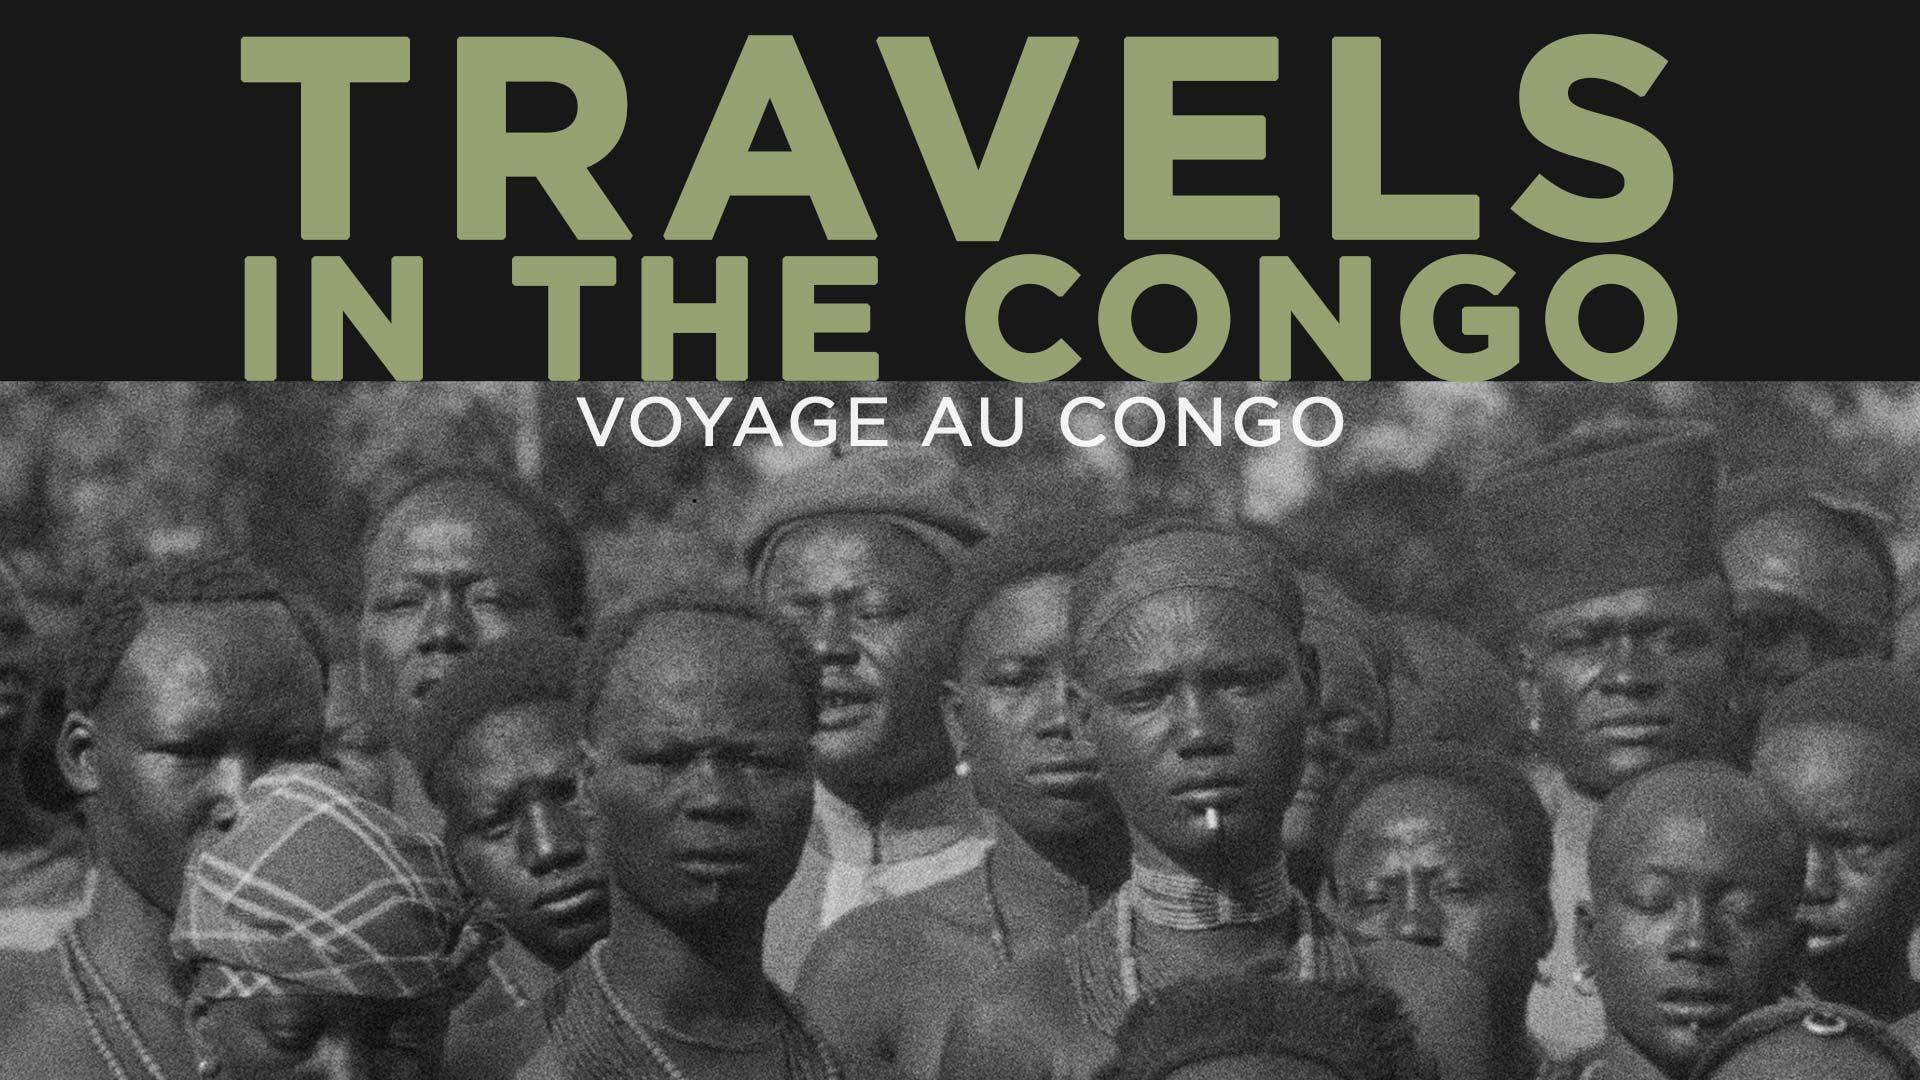 Travels in the Congo (Voyage au Congo) - image